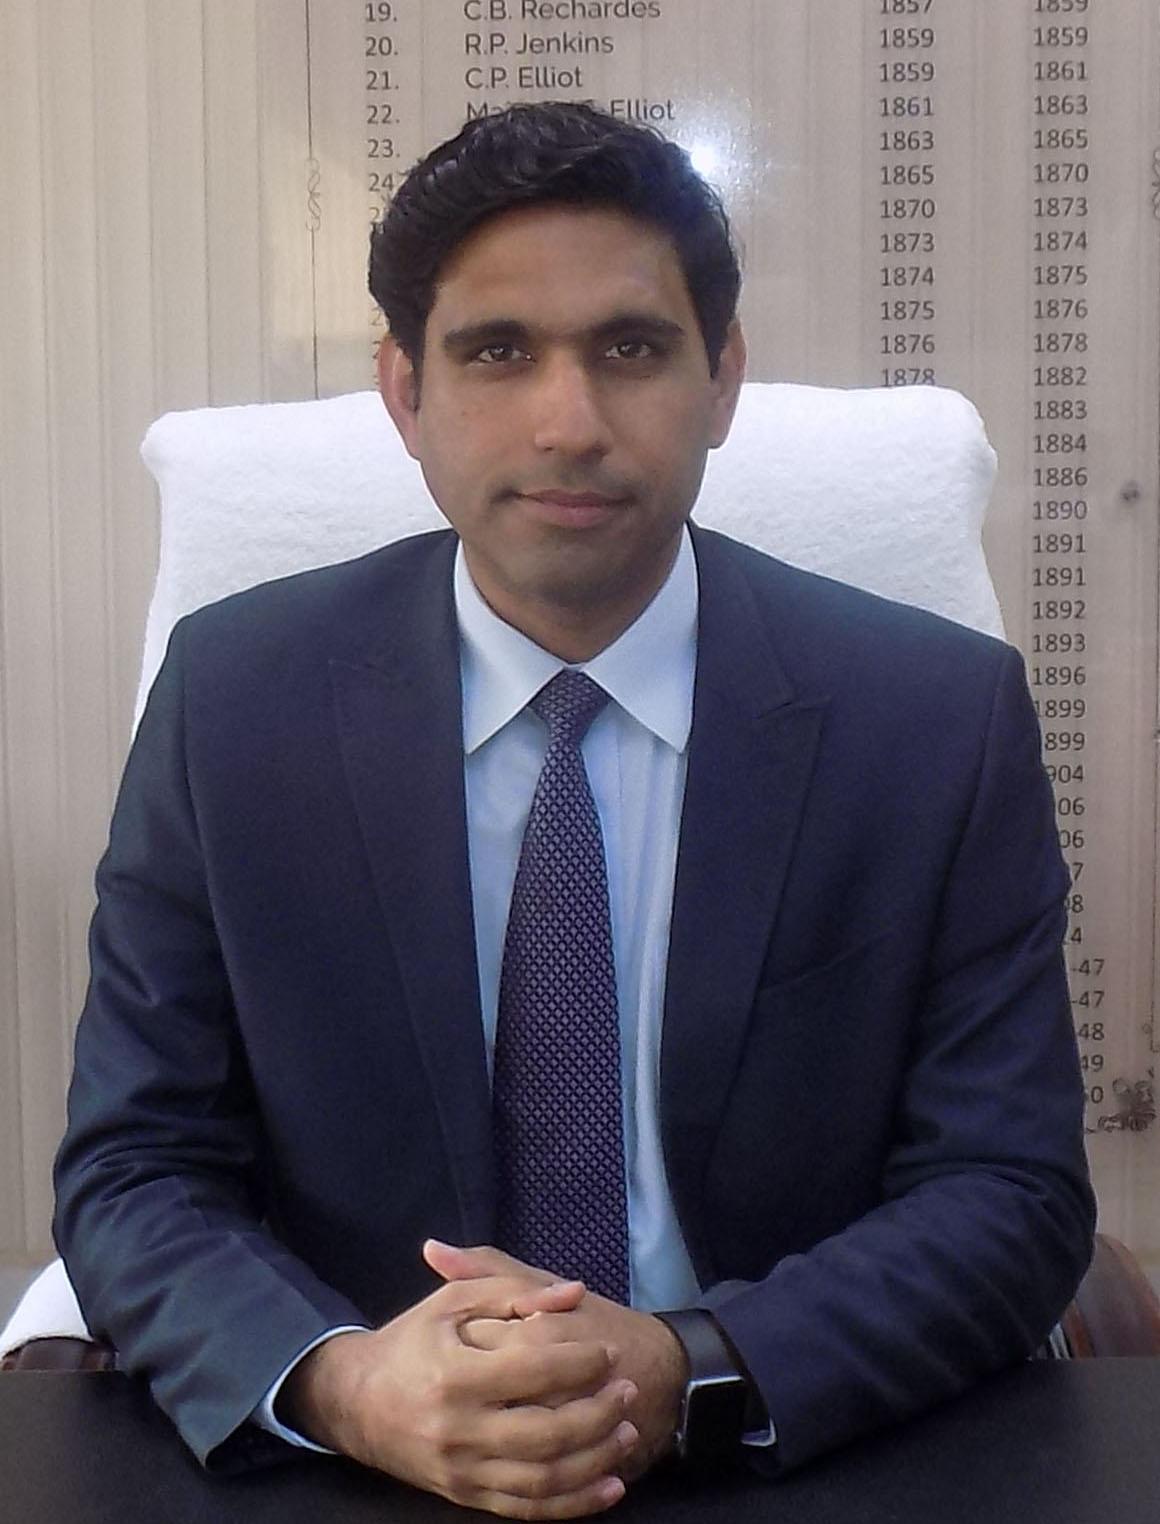 डॉ. श्यामा प्रसाद मुखर्जी दुर्घटना सहायता योजना के तहत व्यक्ति की दुर्घटना में मृत्यु या अपंगता होने पर मिलती है एक लाख रुपये की आर्थिक सहायता